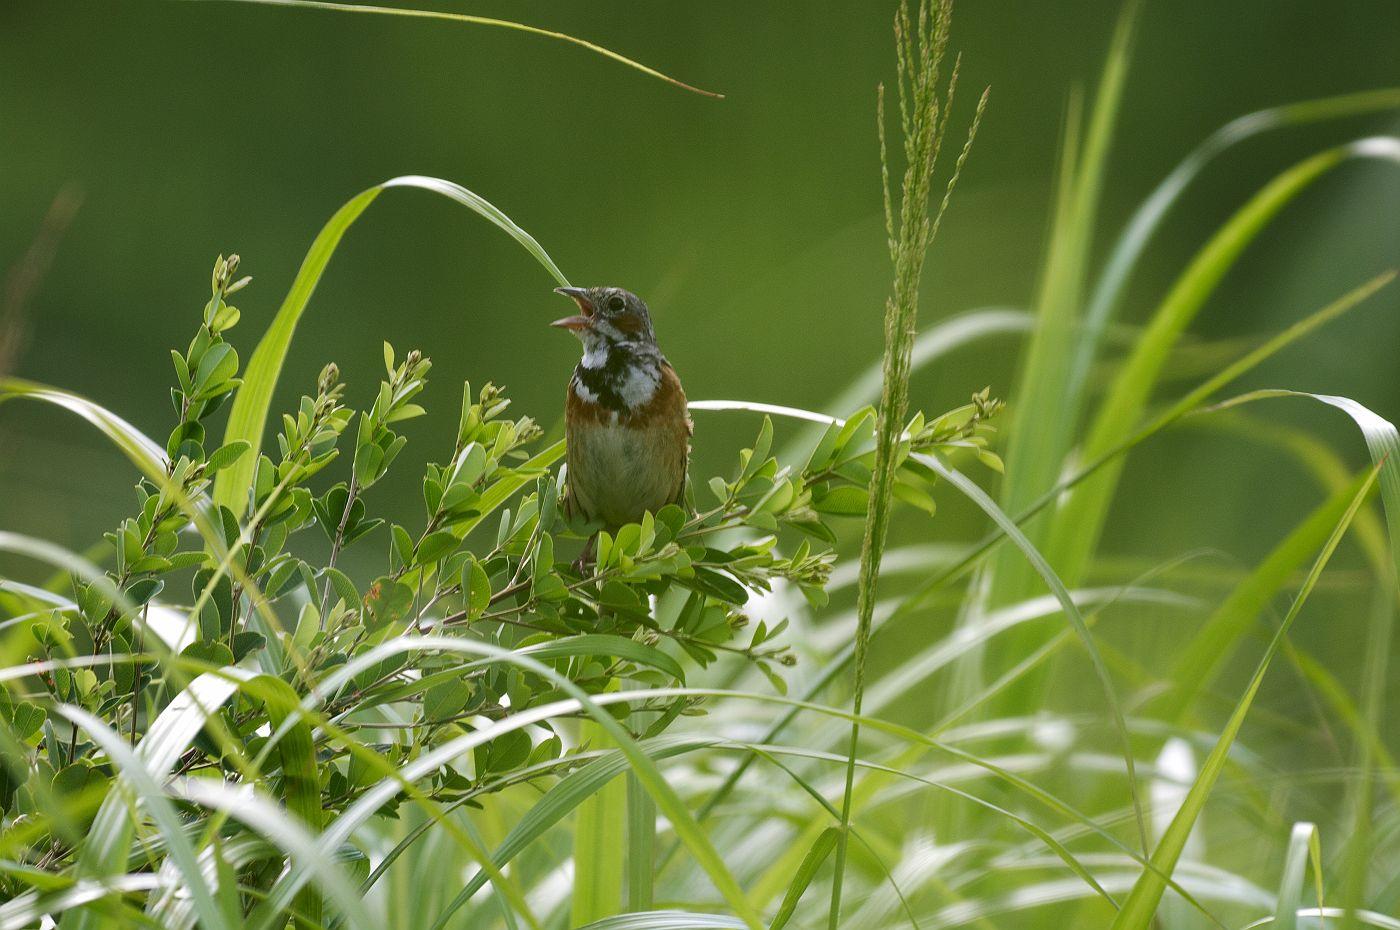 BORG71FLで撮影した野鳥・ホオアカの写真画像